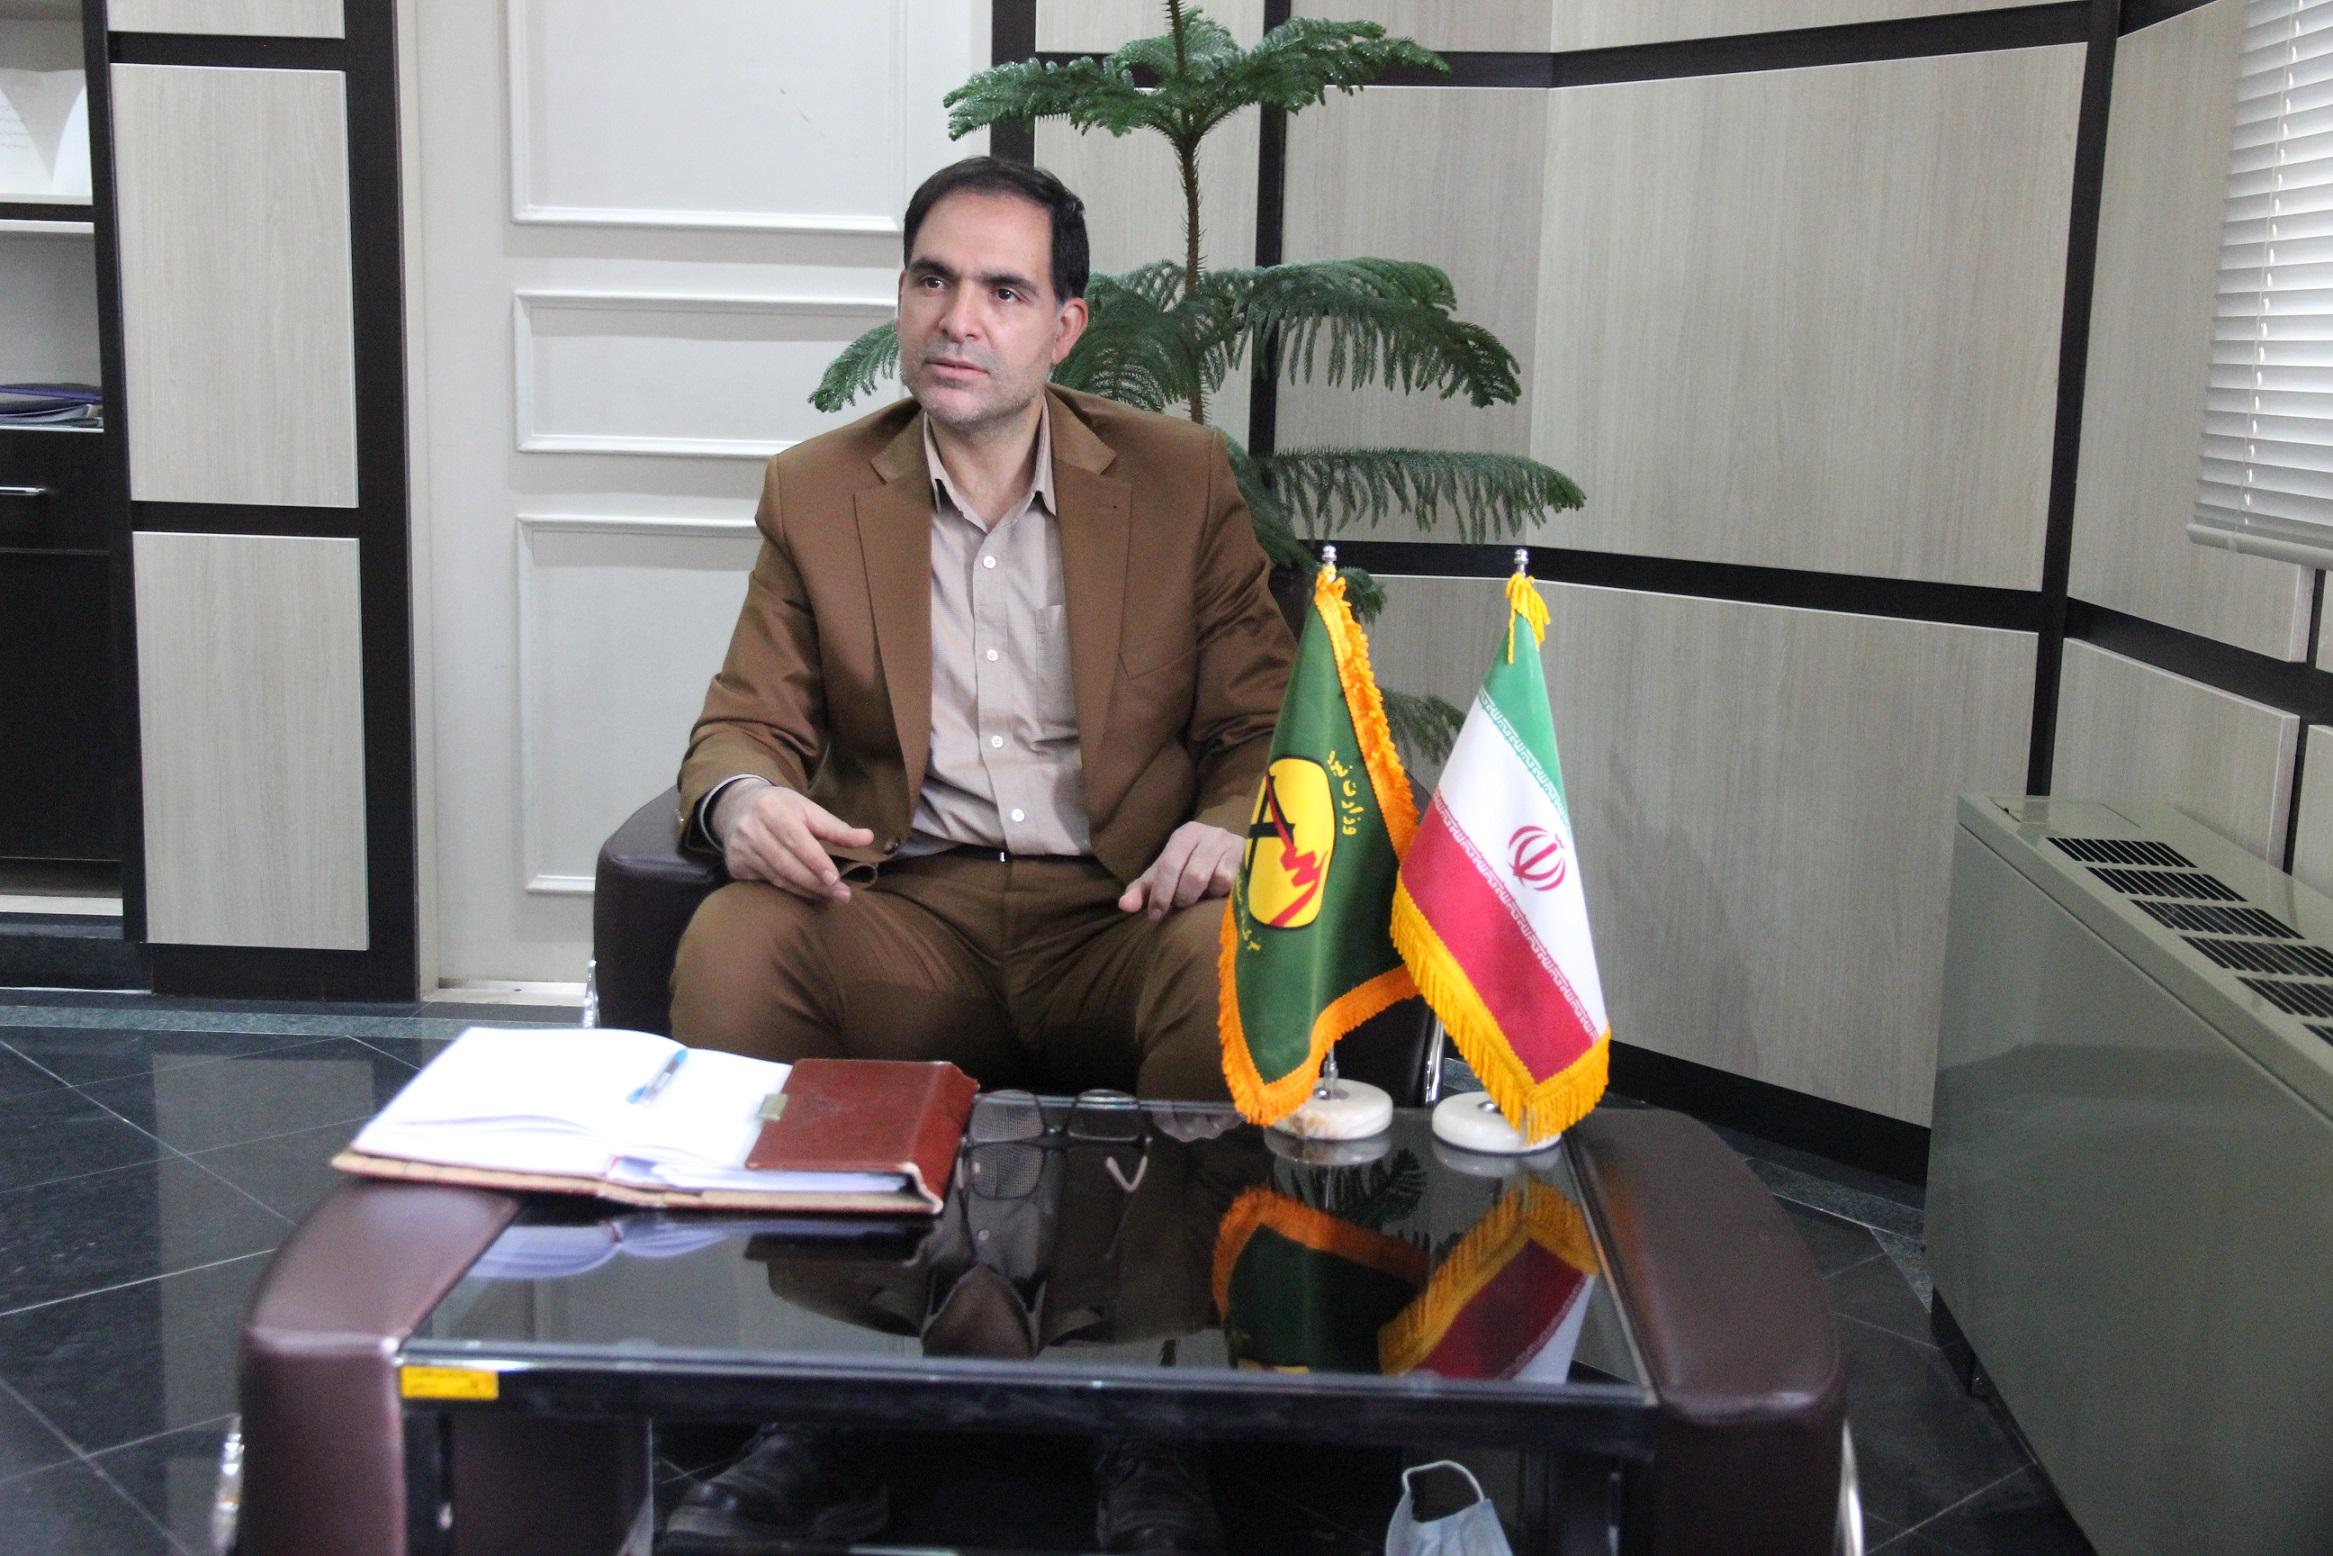 پیام تبریک مدیرعامل شرکت برق منطقهای یزد به مناسبت فرارسیدن عید نوروز سال ۱۴۰۰